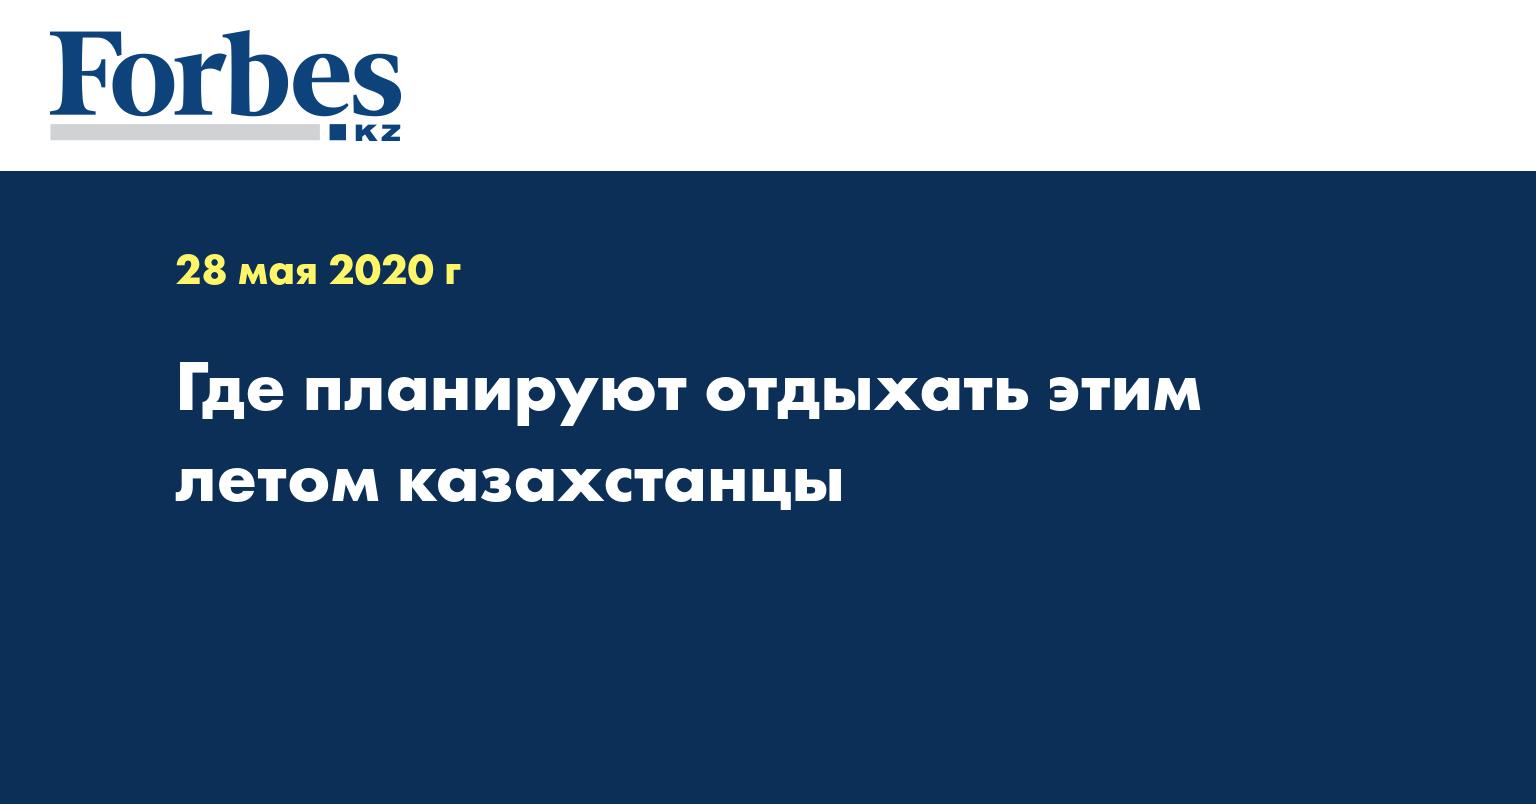 Где планируют отдыхать этим летом казахстанцы